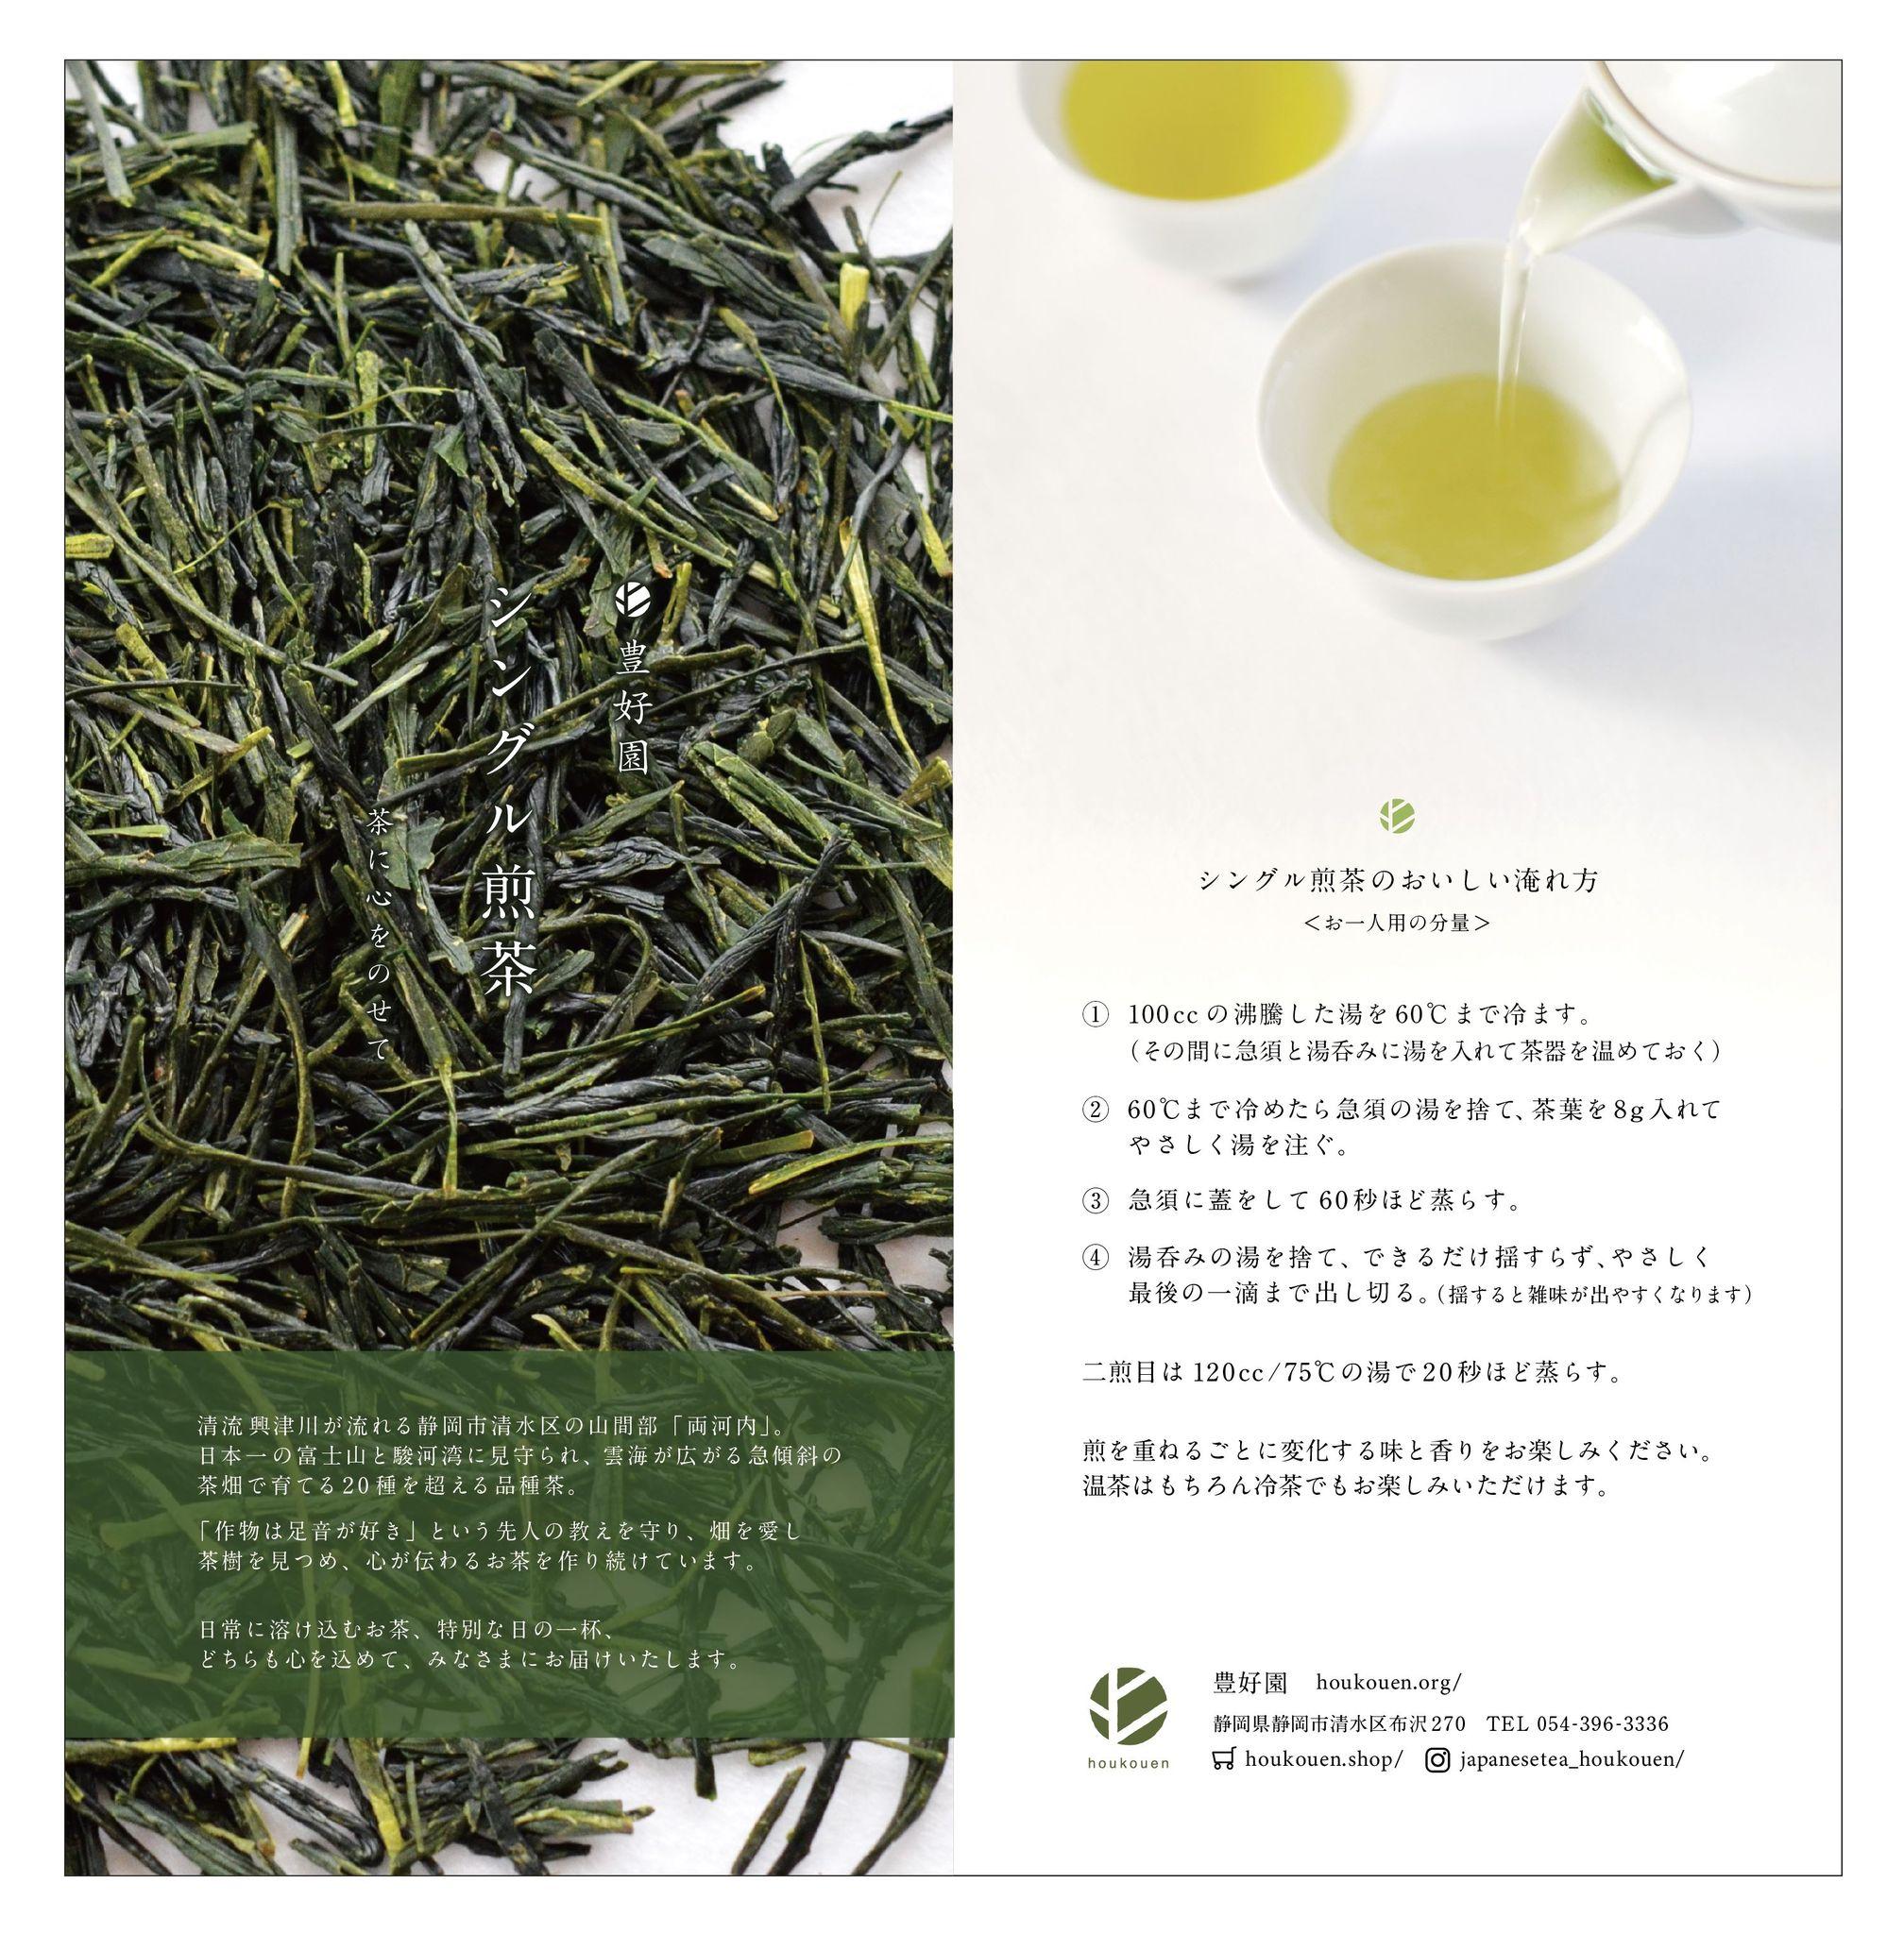 豊好園の日本茶「おいしい淹れ方」